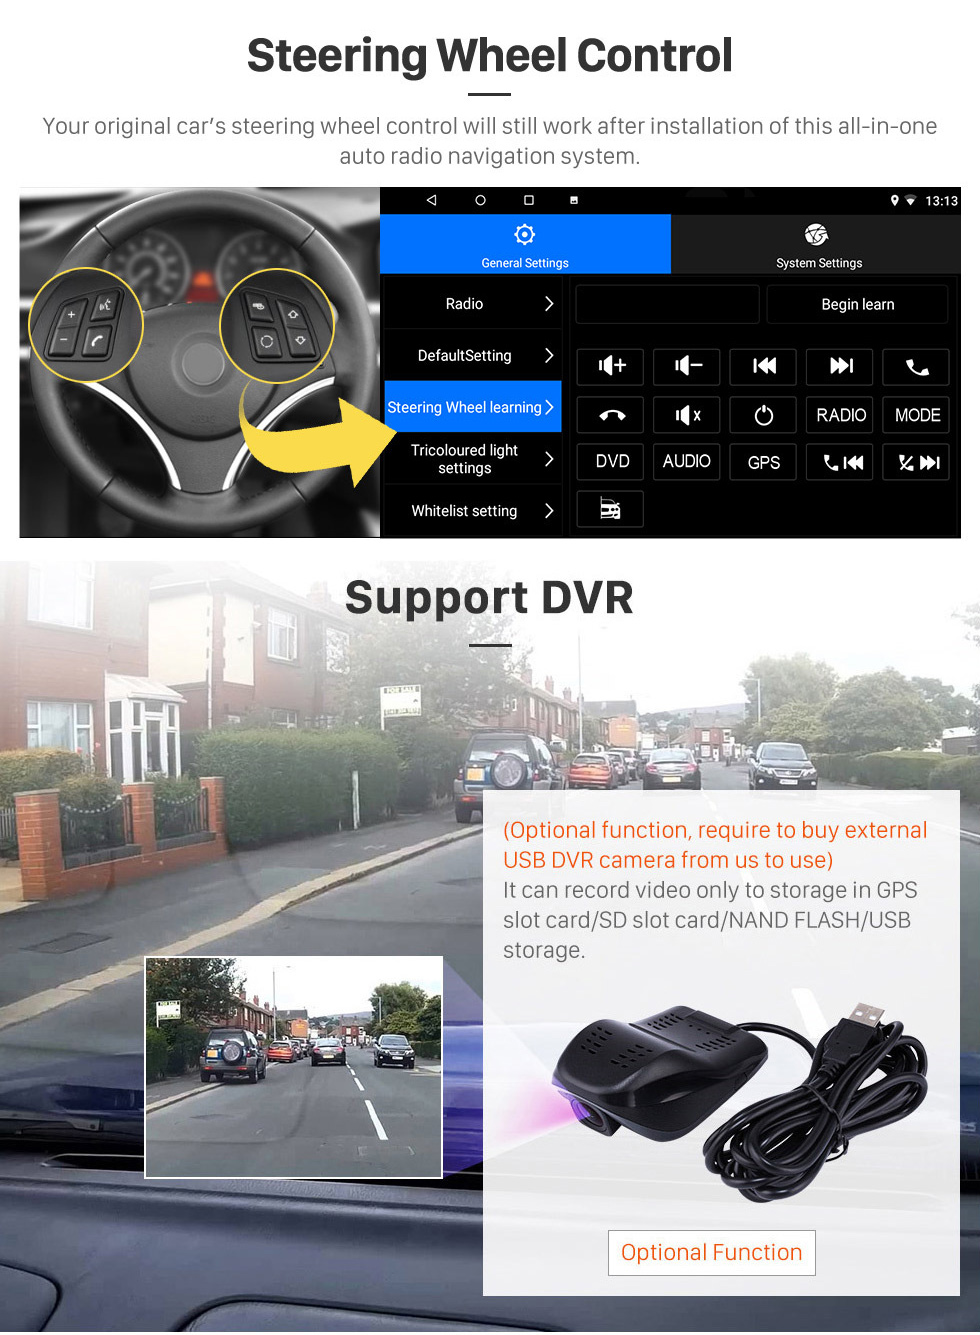 Seicane 2018 Ssang Yong Rexton 9 pulgadas Android 8.1 HD Pantalla táctil Bluetooth GPS Navegación Radio USB AUX soporte Carplay WIFI Cámara de respaldo